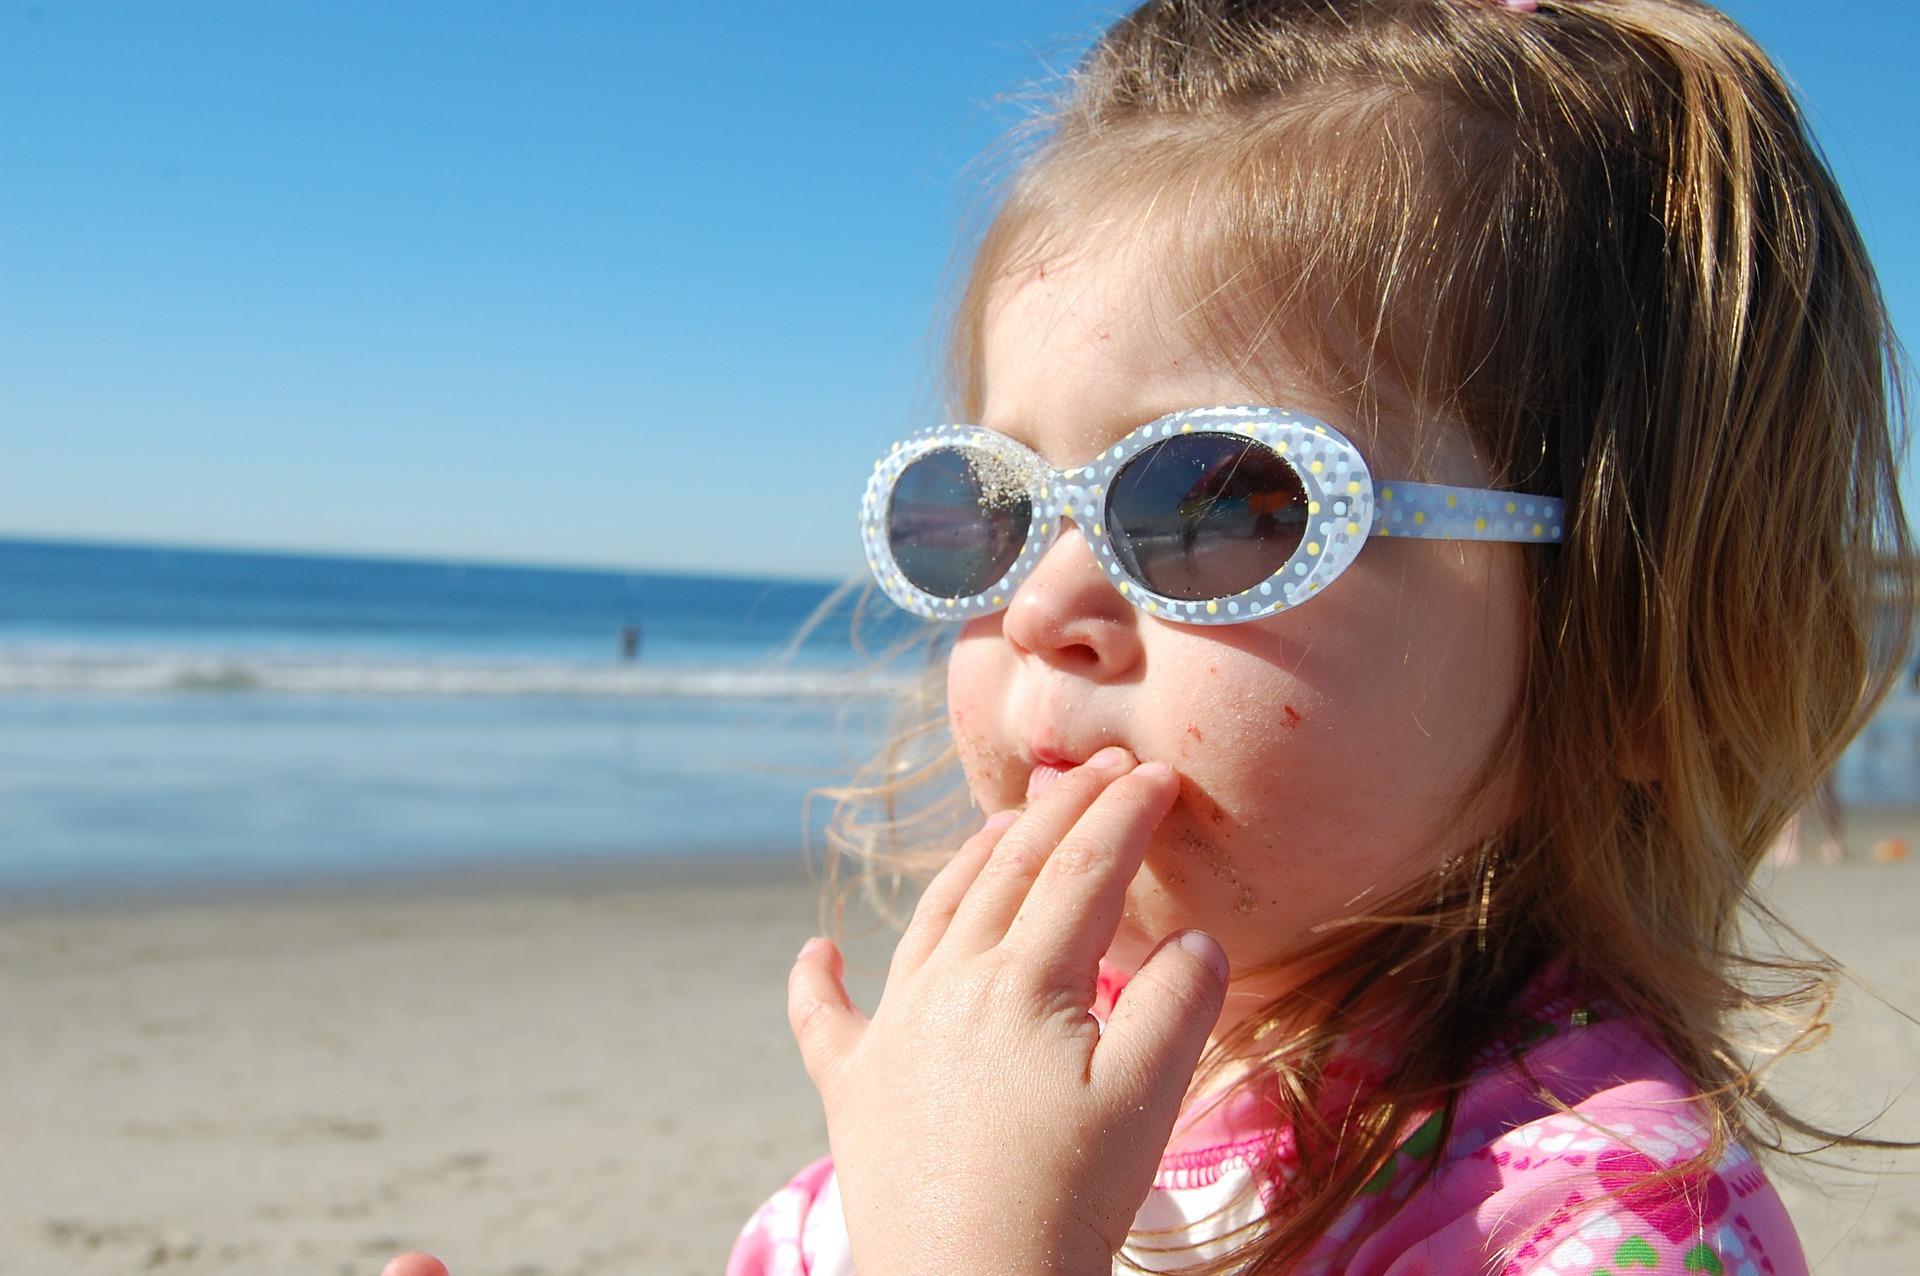 El cuidado de los ojos de los niños en verano